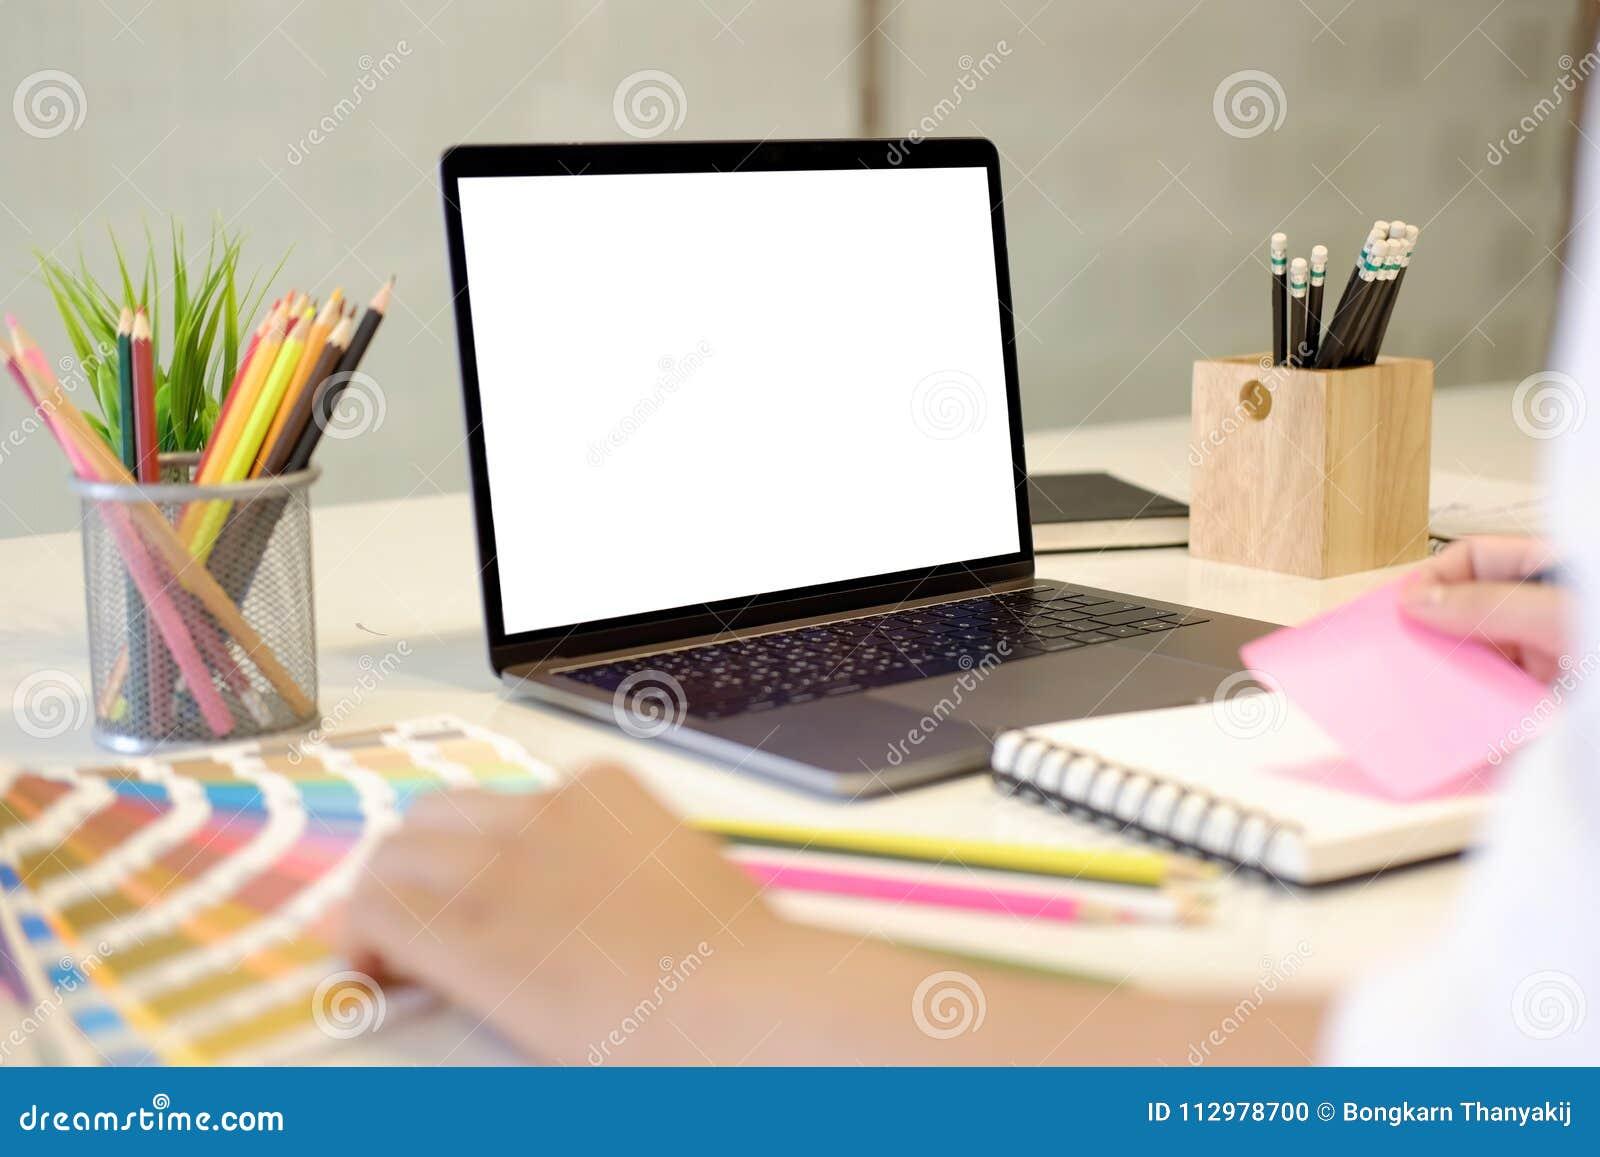 Designer using